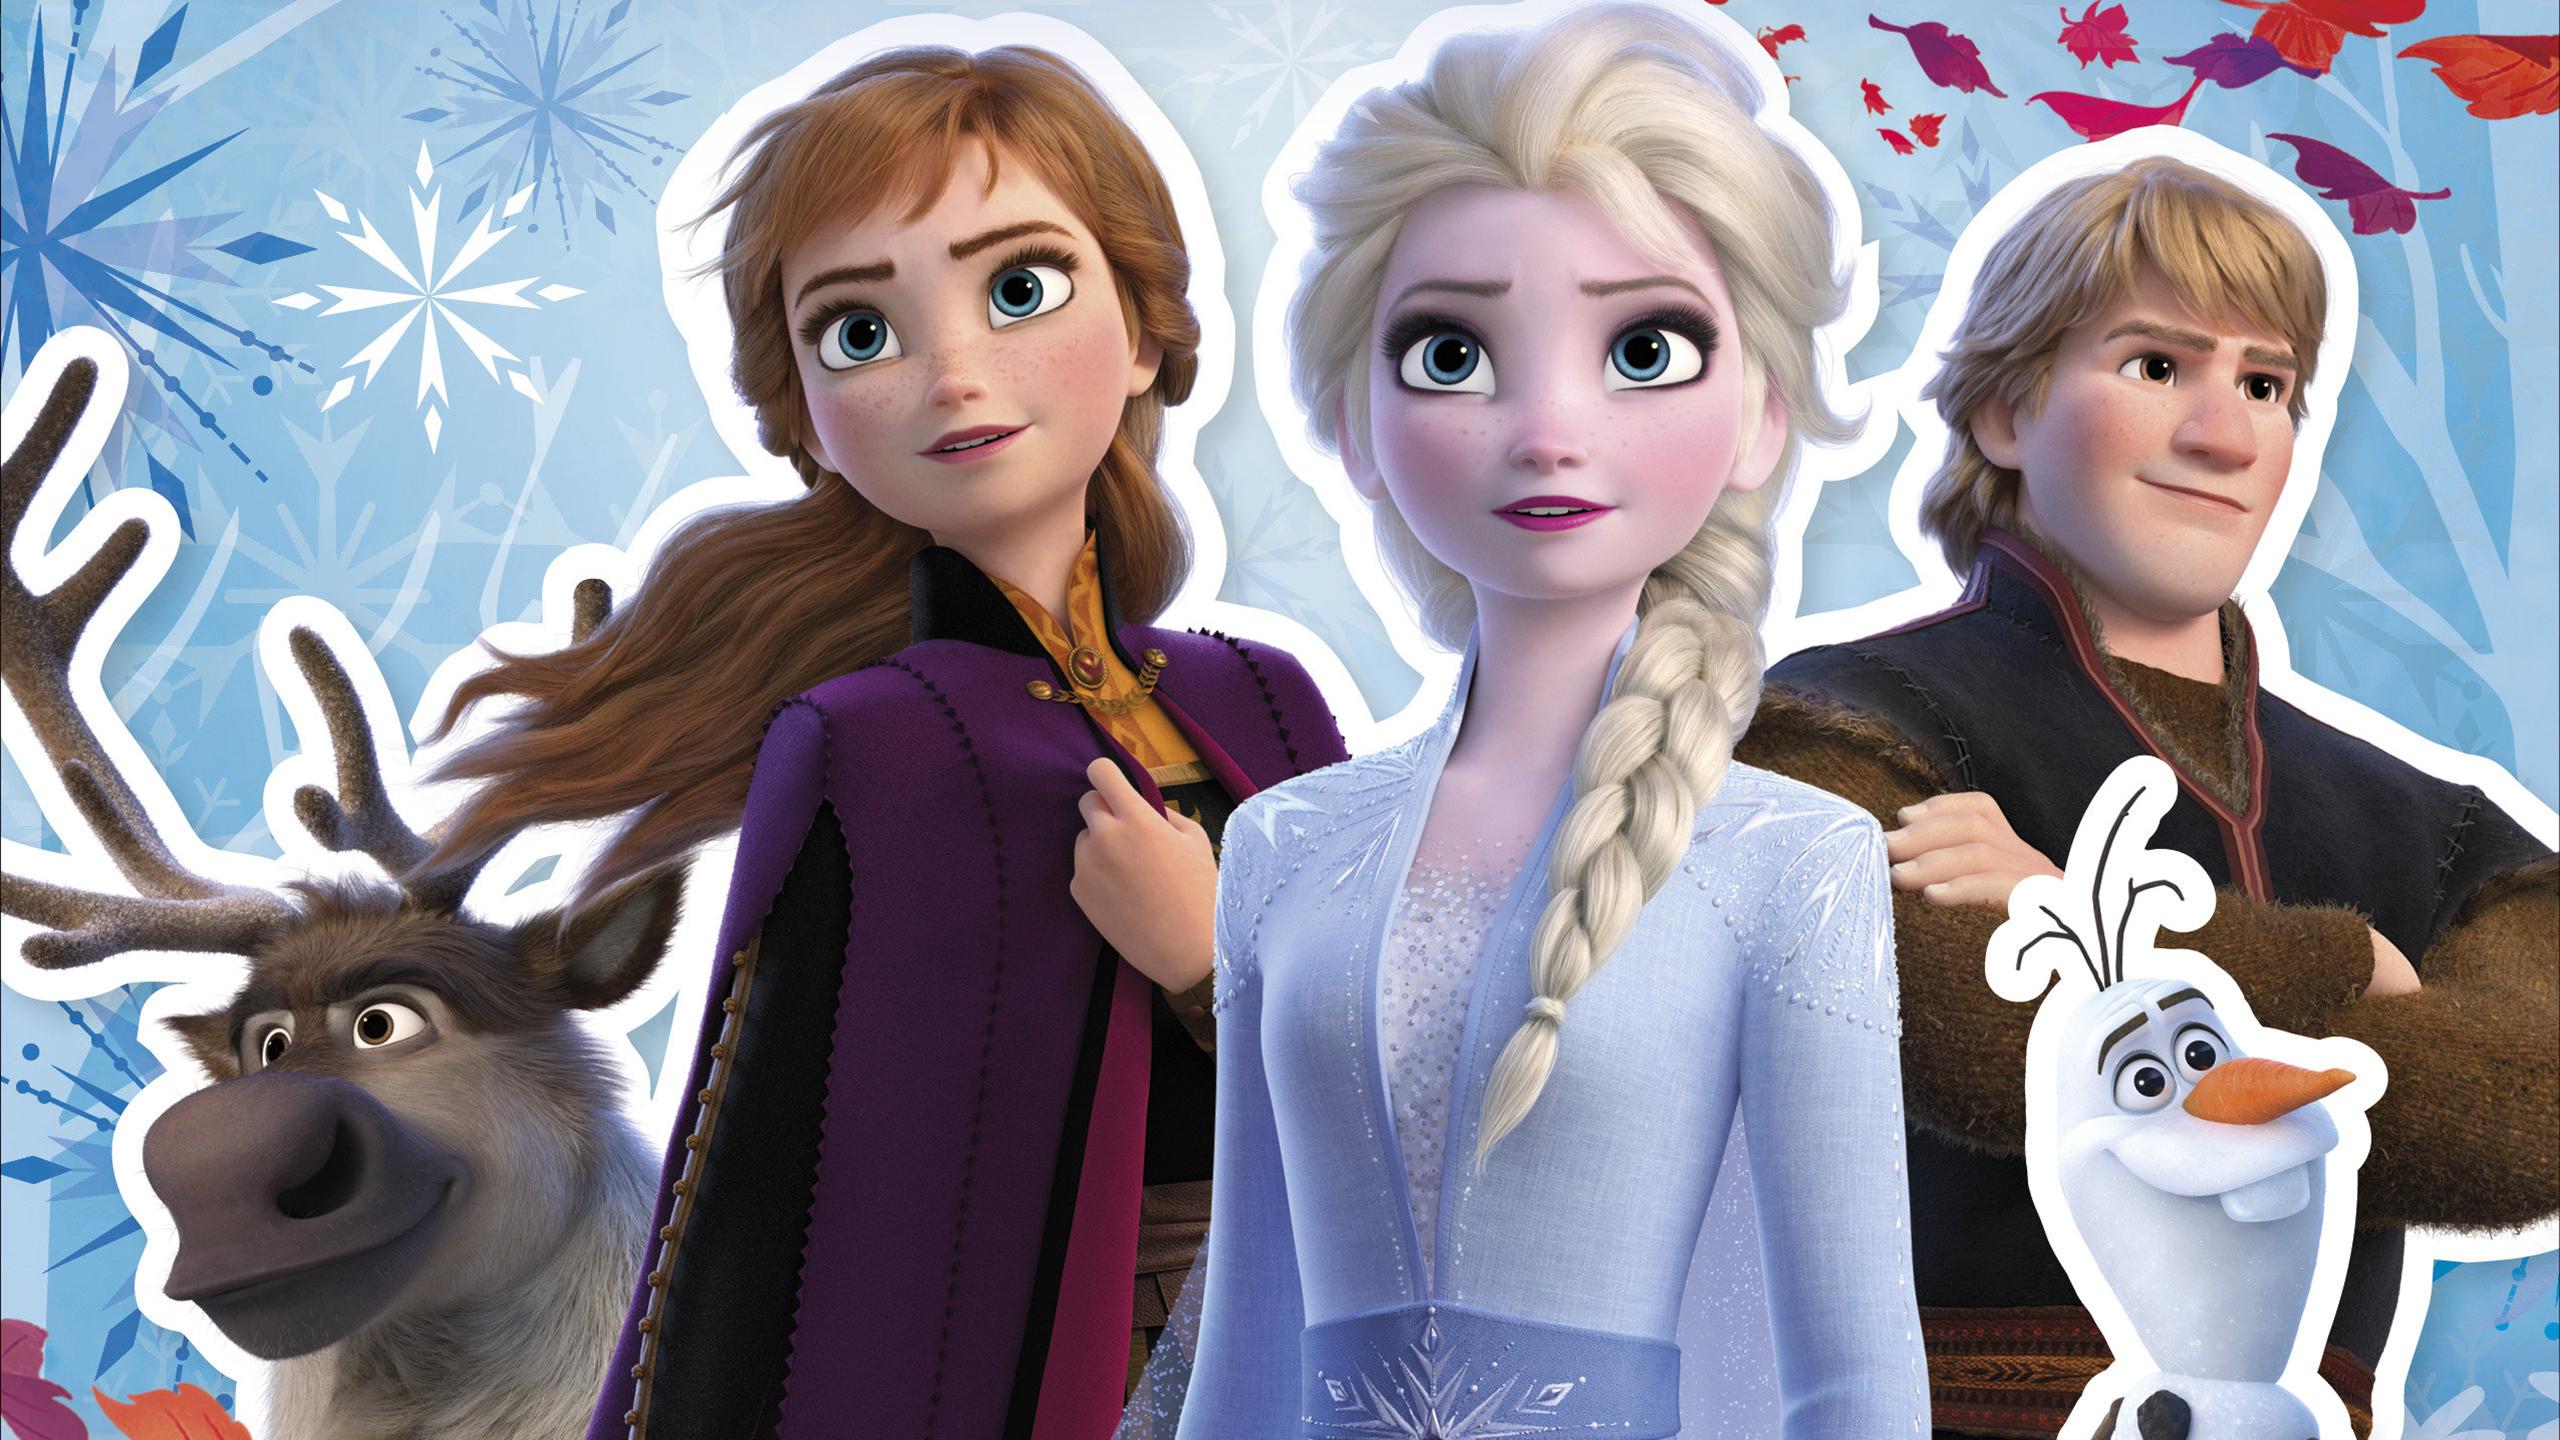 Frozen 2 Wallpaper - Elsa the Snow Queen Wallpaper ...